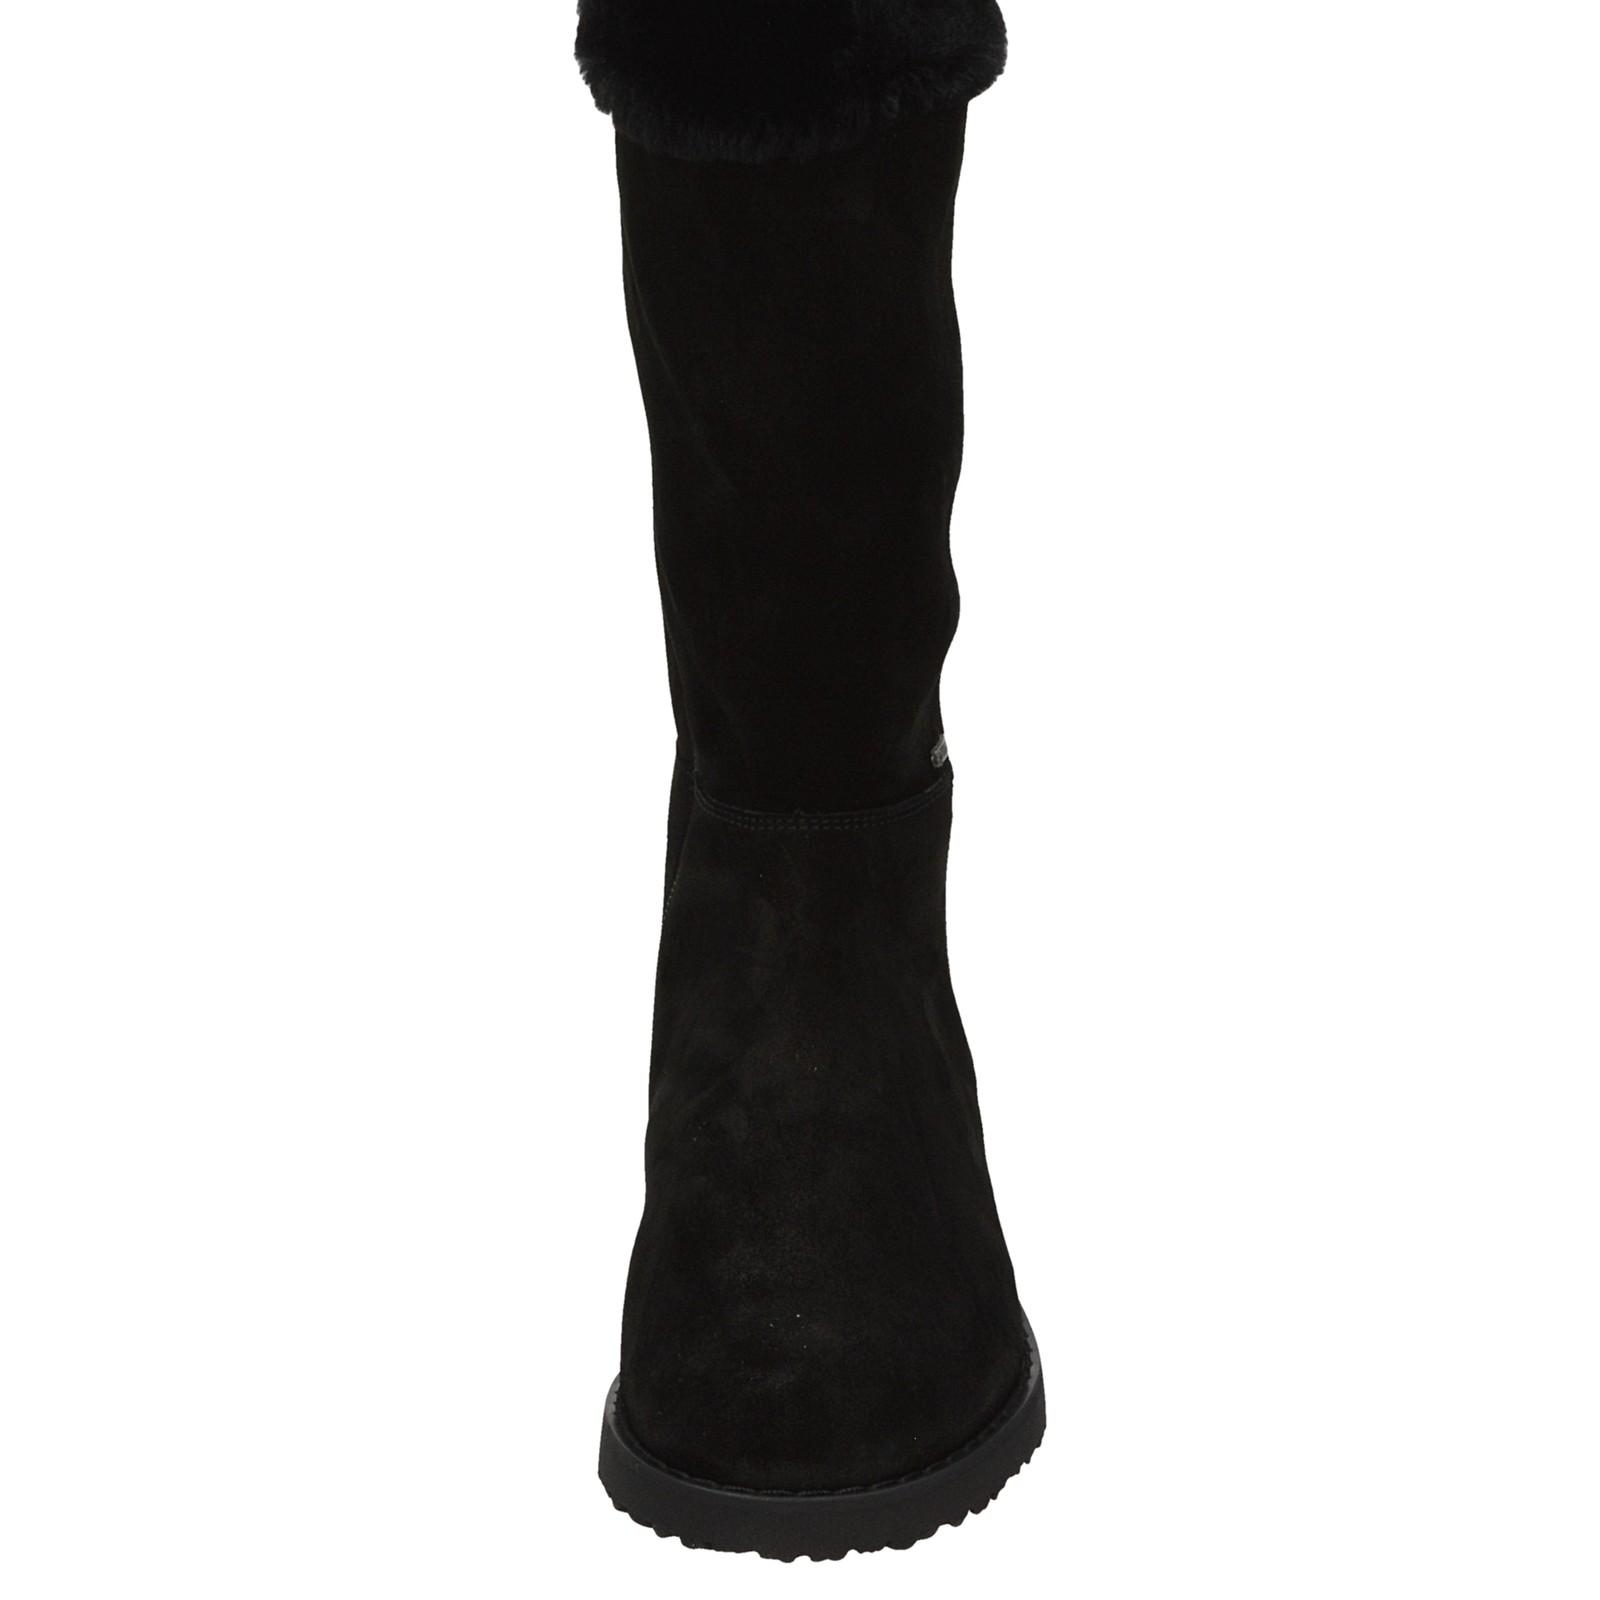 6004f820a8 Högl dámske semišové zateplené vysoké čižmy - čierne ...